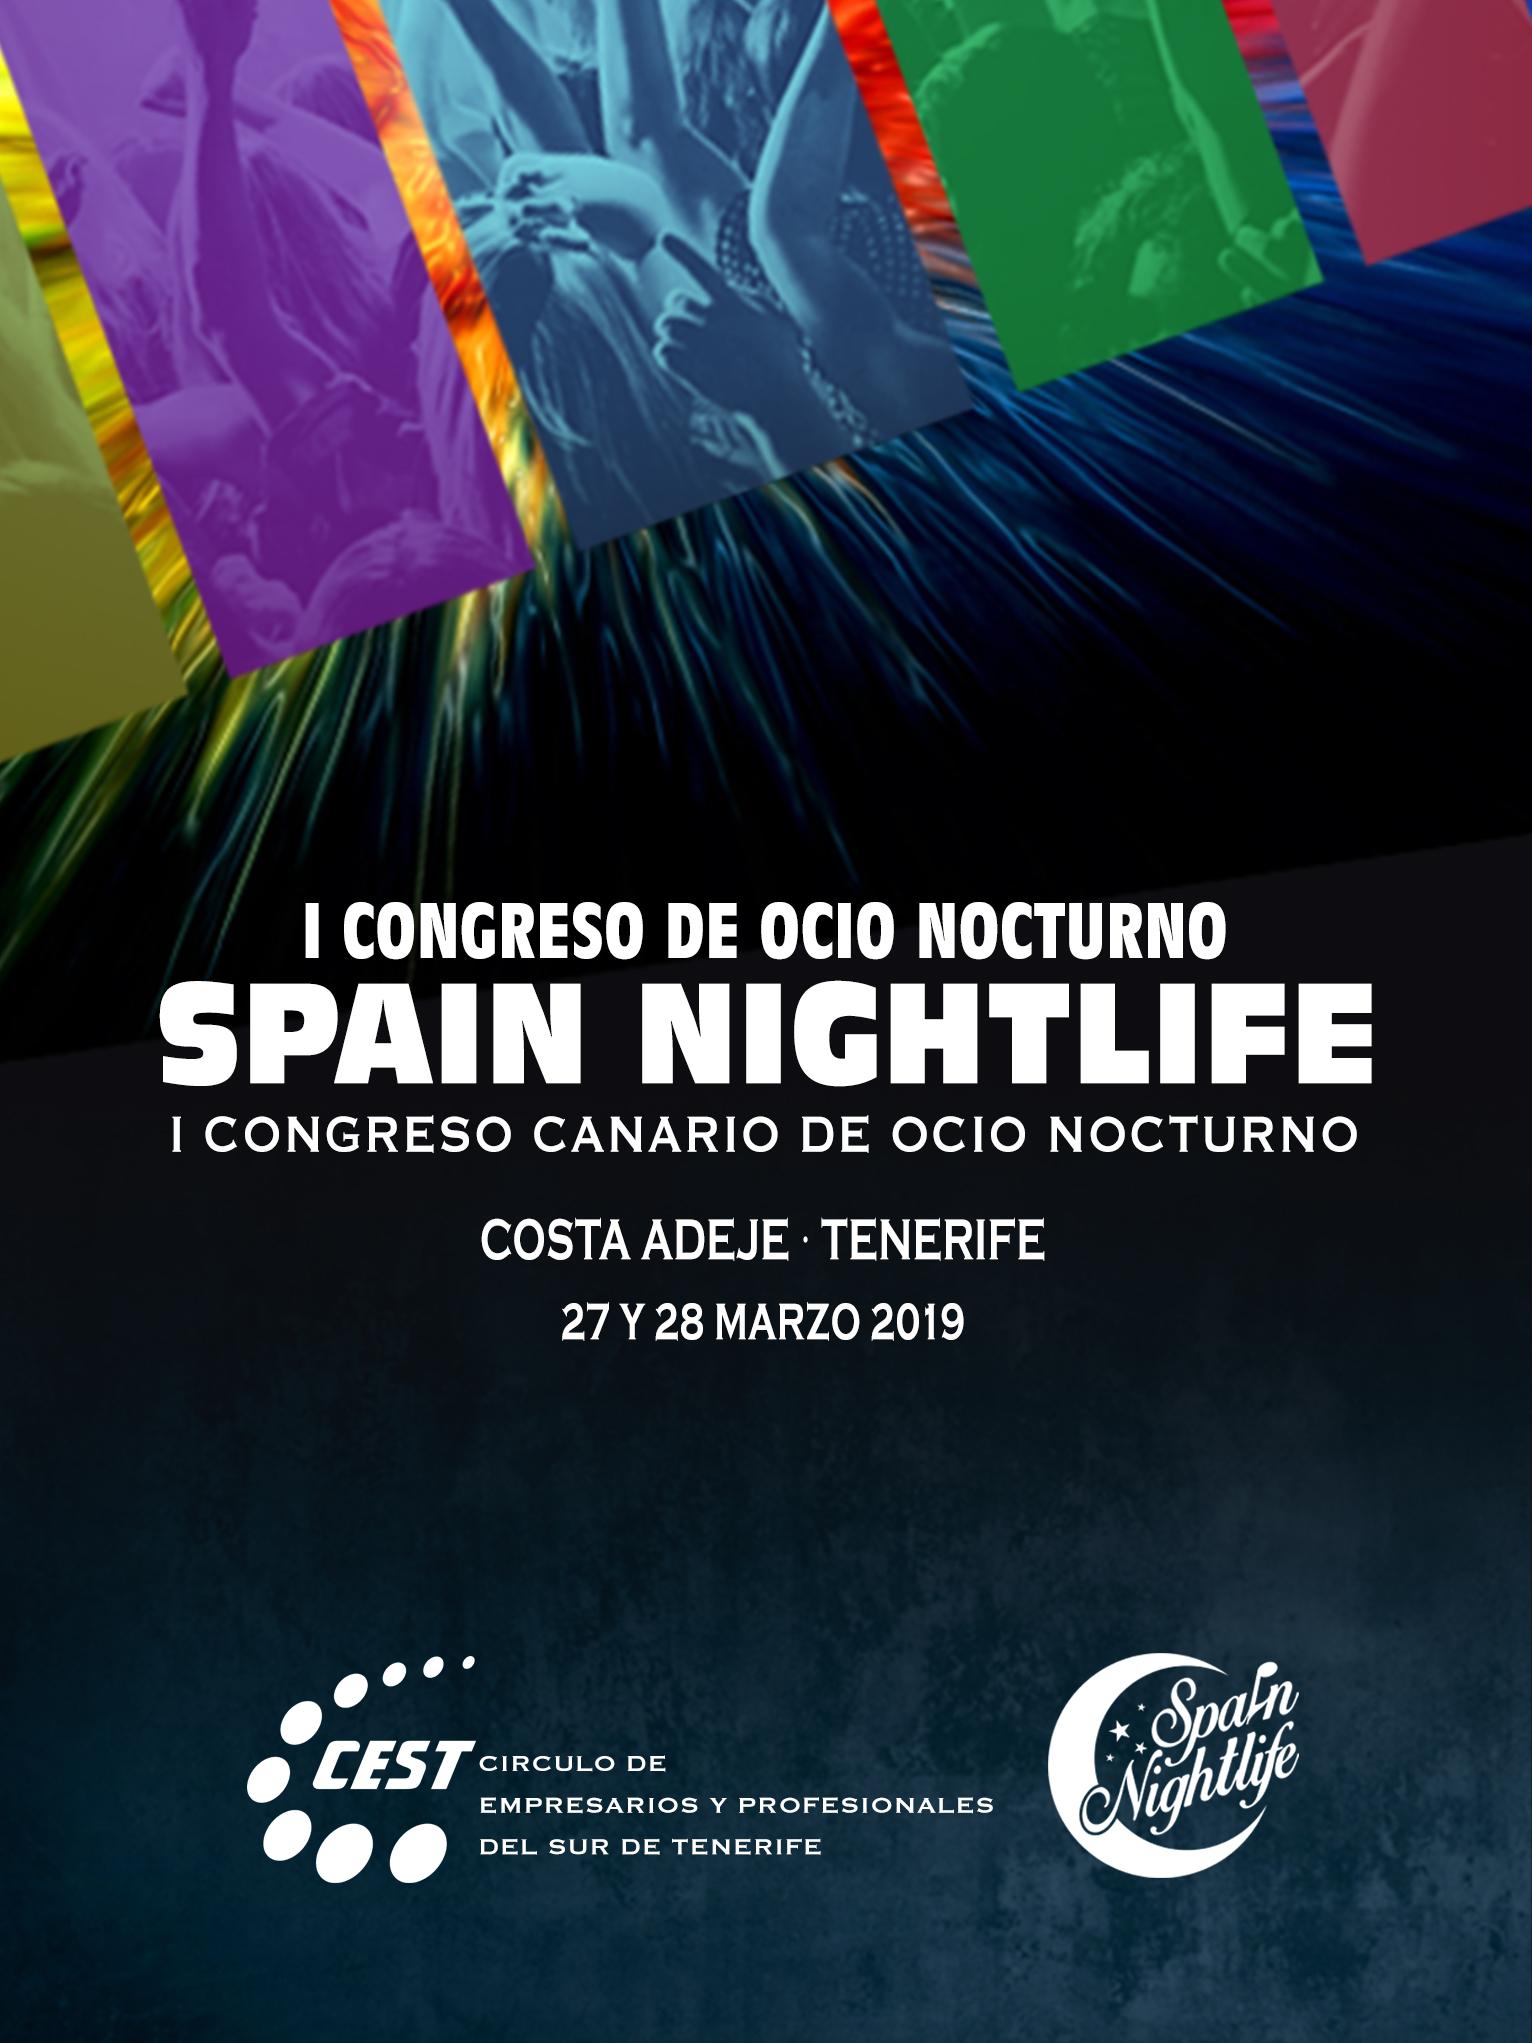 CONGRESO DE OCIO NOCTURNO SPAIN NIGHTLIFE 2019 – TENERIFE